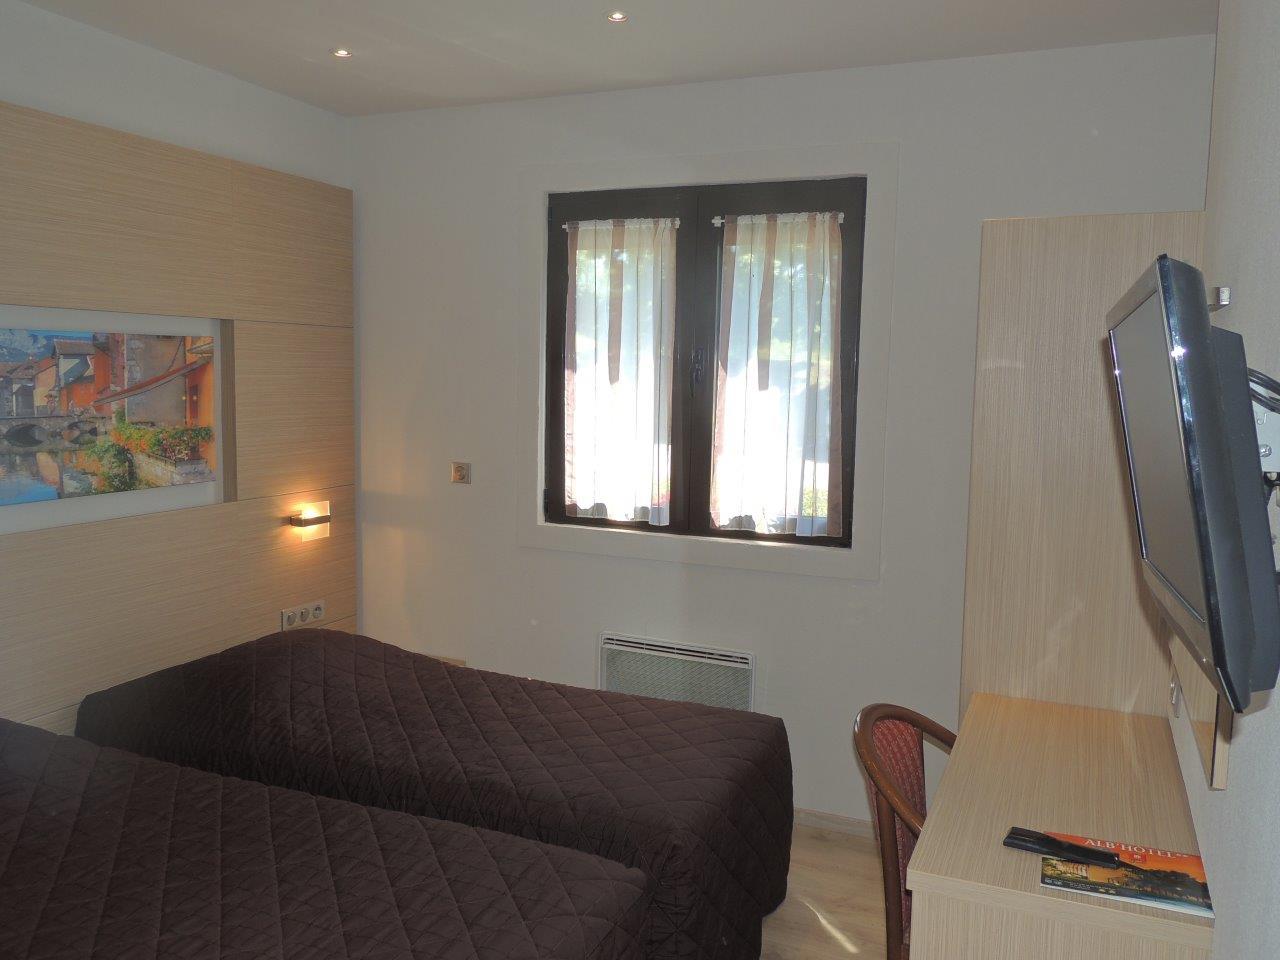 Chambre d'hôtel Twin, deux lits simples